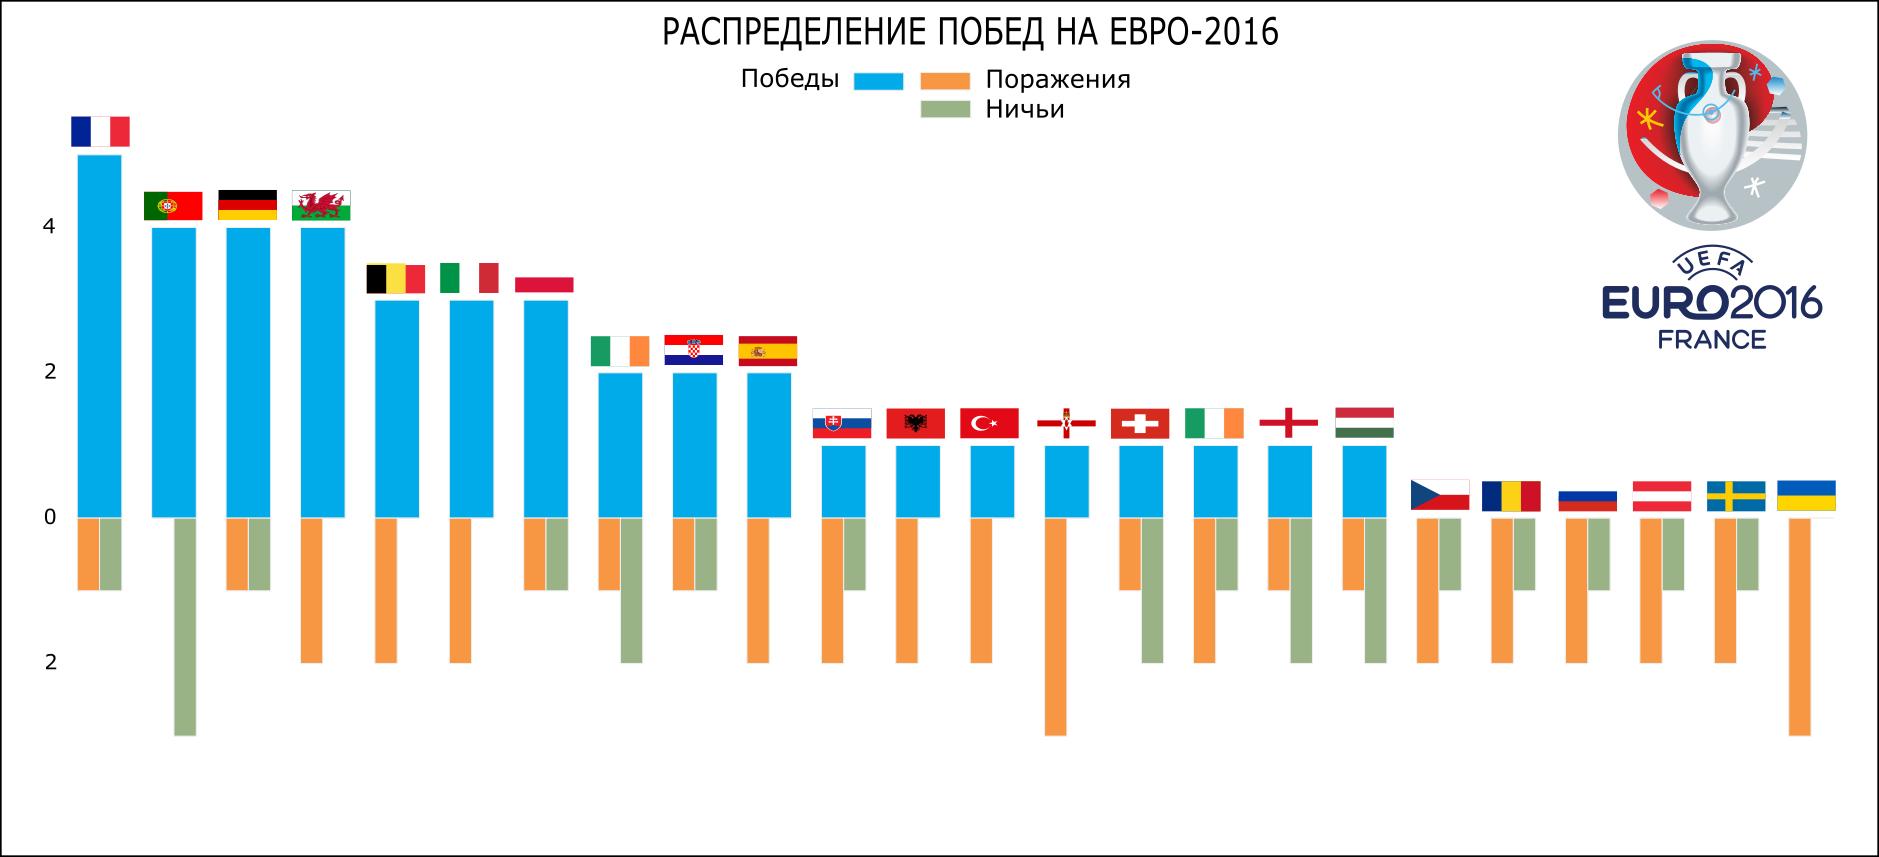 Визуализация статистики ЕВРО-2016 с помощью Python и Inkscape - 6